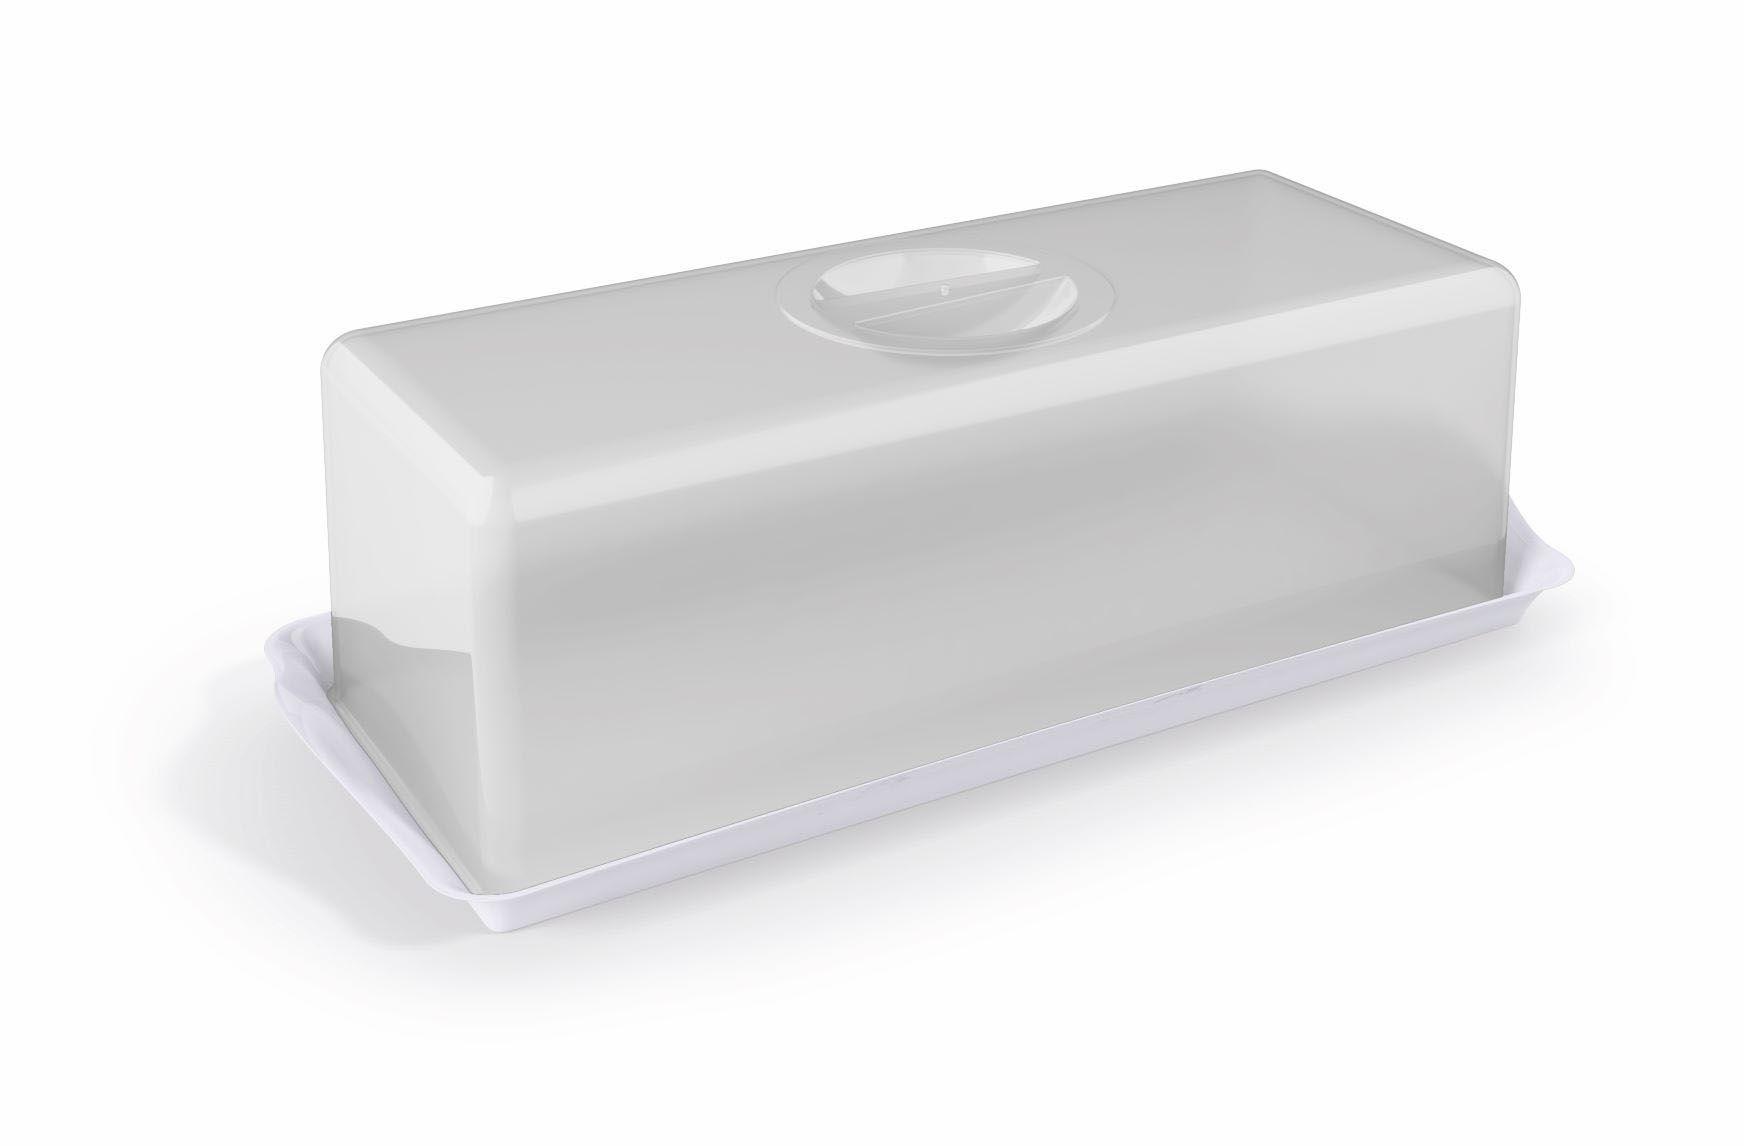 Porta Pão Premium Plástico Uz Utilidades Branco